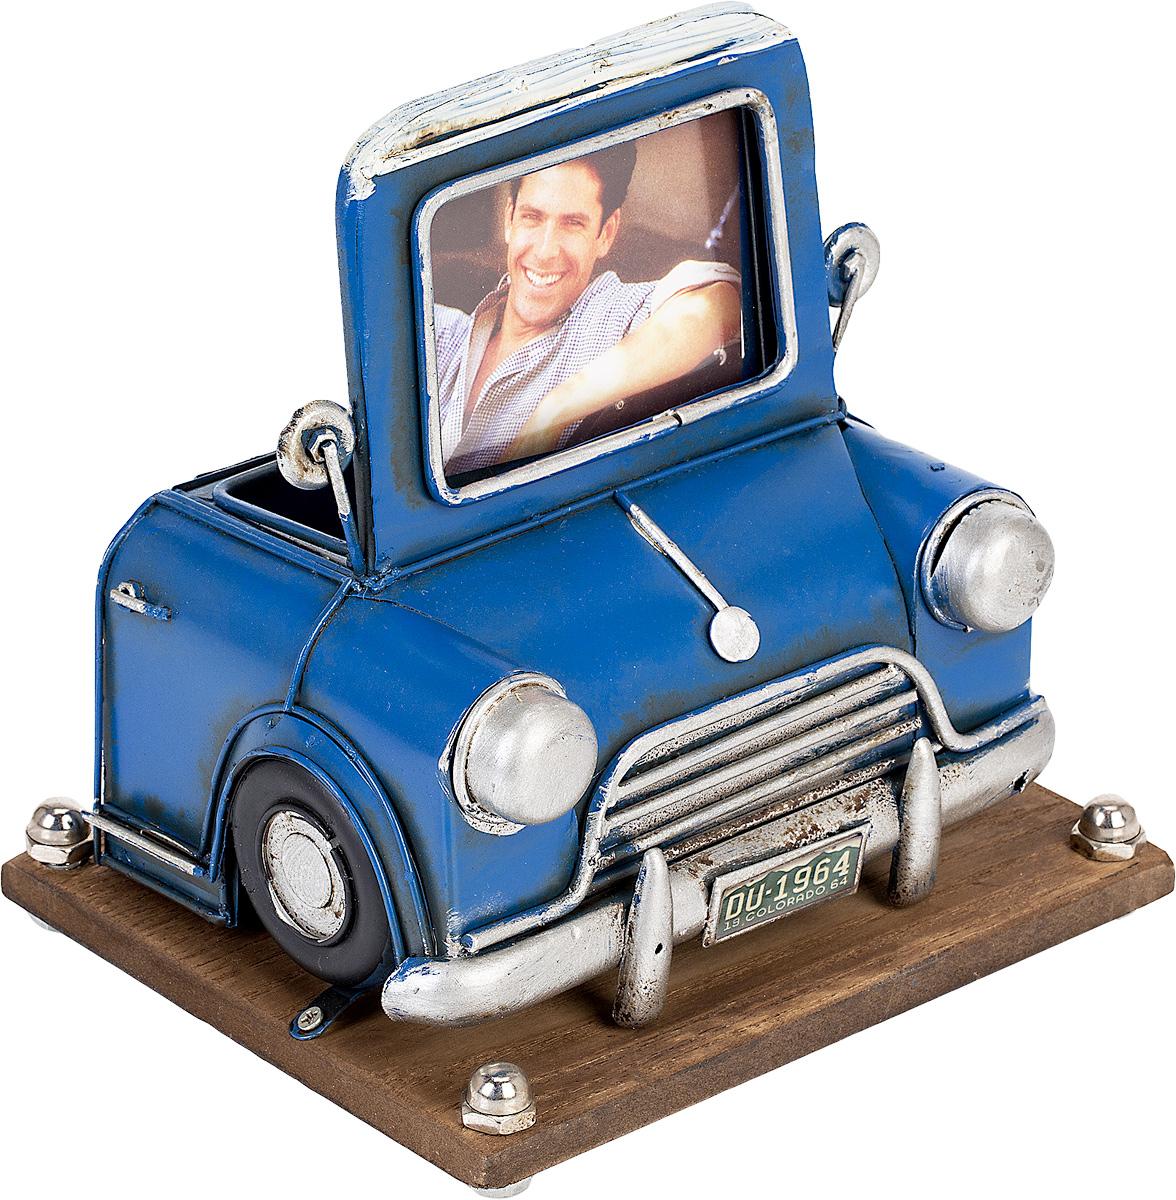 Фоторамка Platinum Автомобиль, с подставкой для ручек, 6 х 8 см1404B-1290Фоторамка Platinum Автомобиль, выполненная из металла, оснащенаподставкой для ручек и карандашей. Такаяфоторамка поможет вам оригинально и стильно дополнить интерьер помещения,а также позволит сохранить память о дорогих вам людях и интересных событияхвашей жизни.